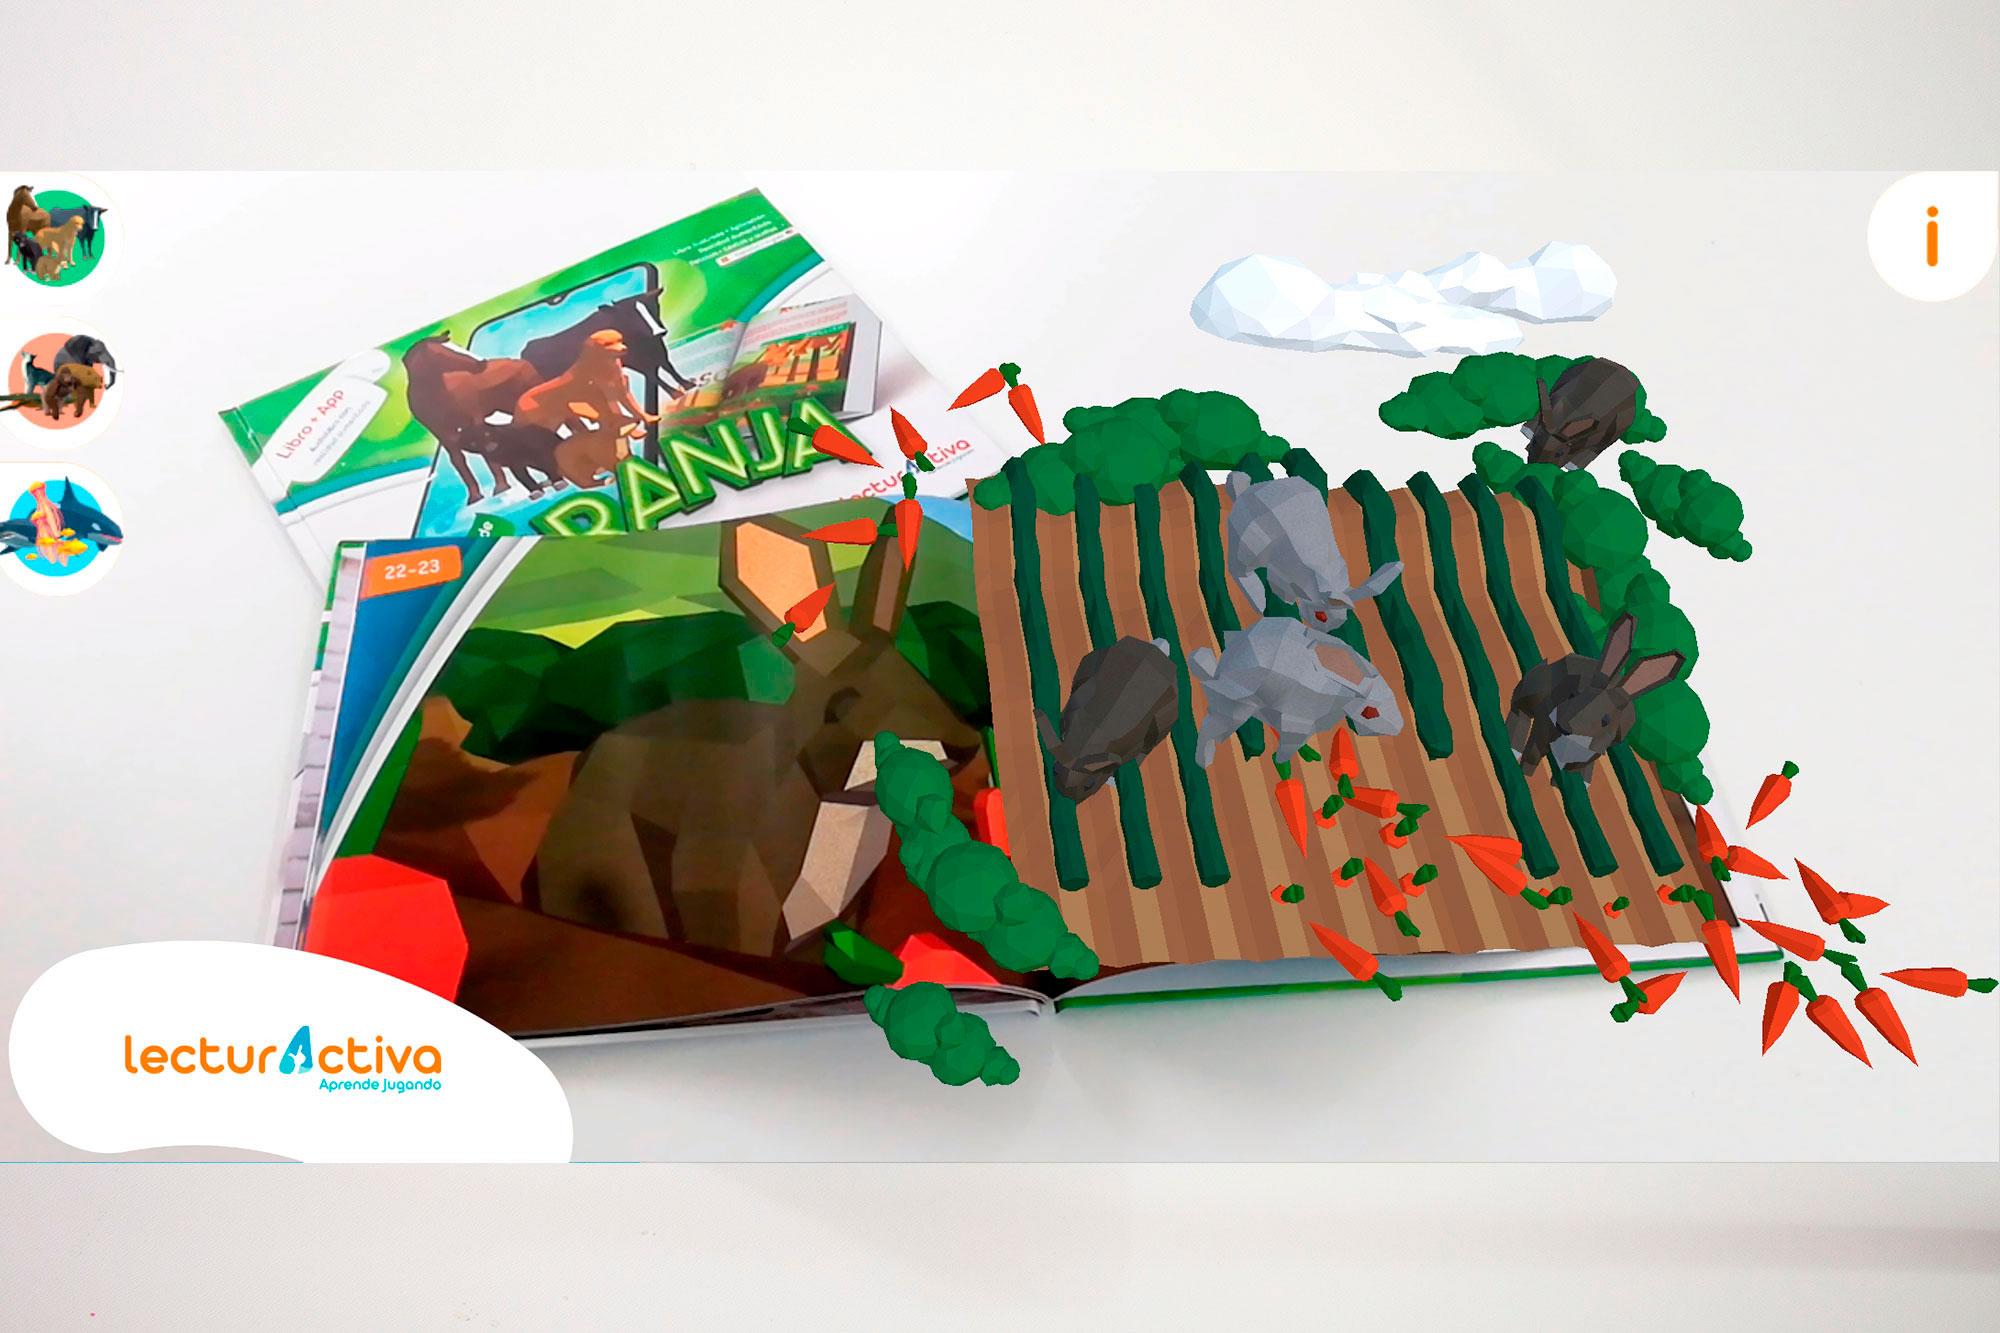 libros interactivos bilingues para niños y jovenes 14